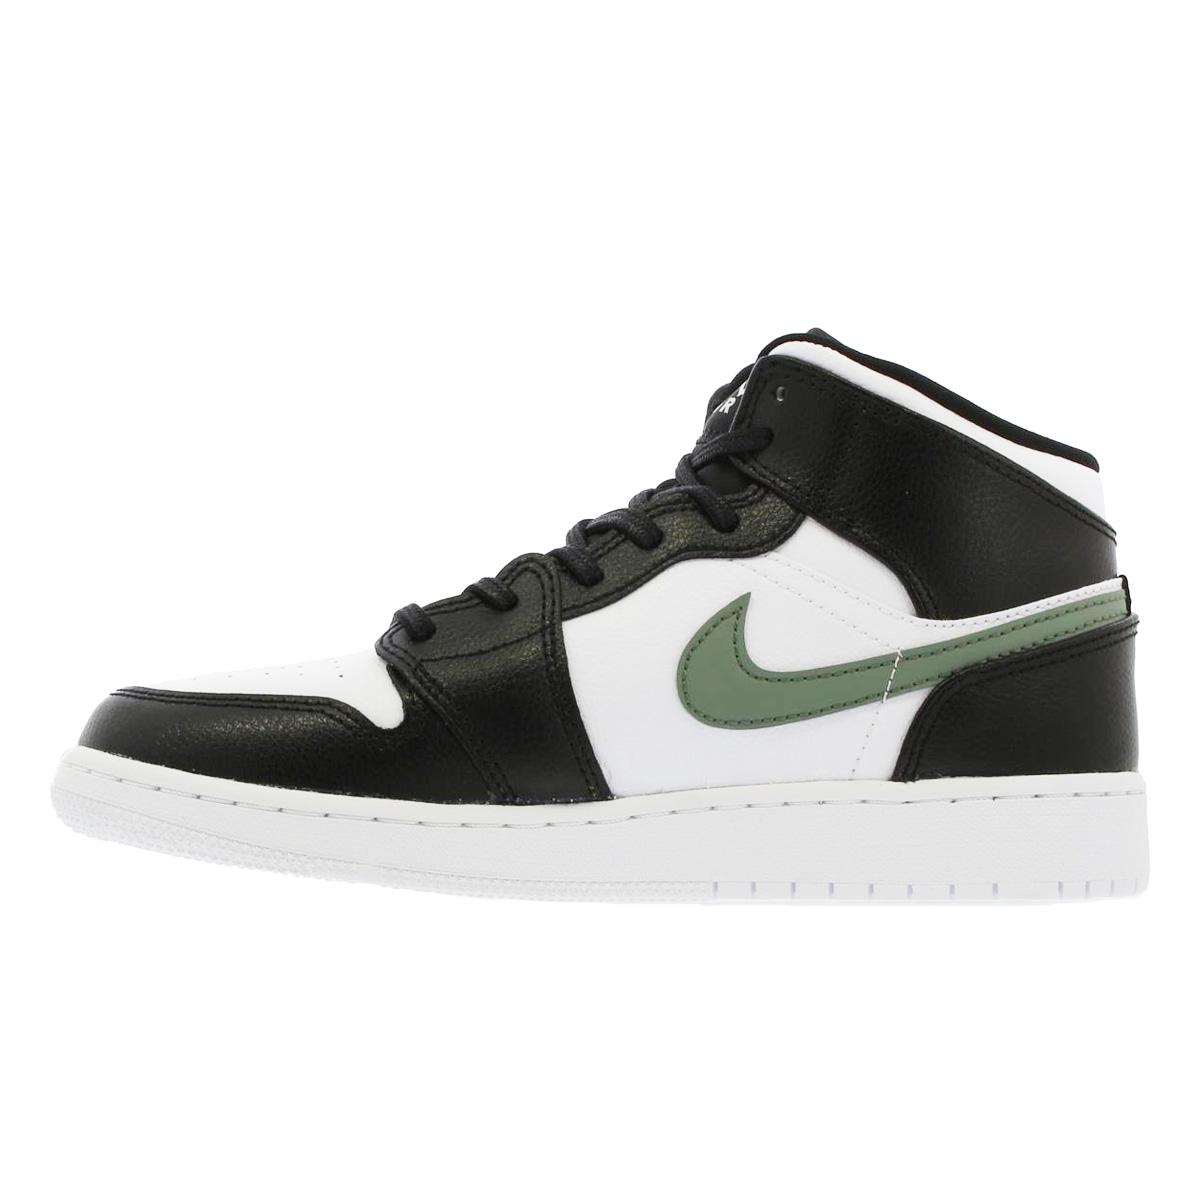 save off 79779 19a1f ... NIKE AIR JORDAN 1 MID BG Nike Air Jordan 1 mid BG BLACK/WHITE/ ...